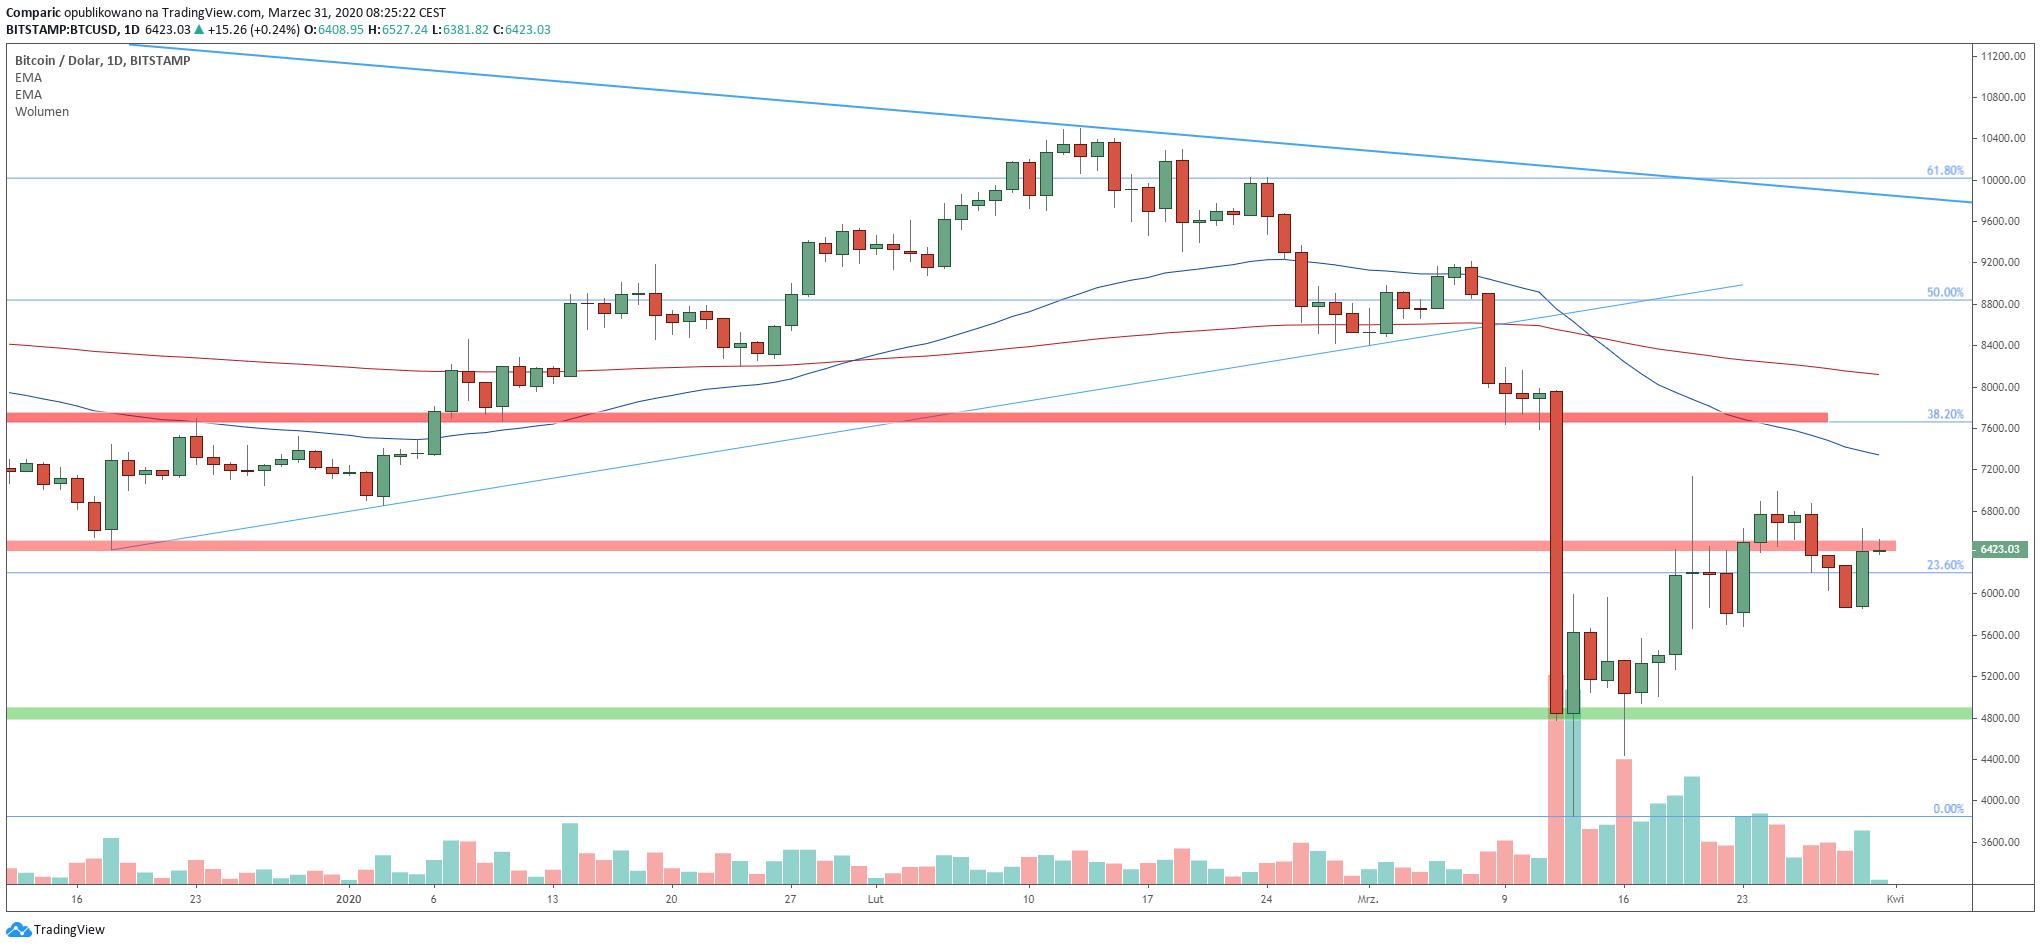 Bitcoin rósł silnie na początku tygodnia i kontynuuje aprecjację we wtorek. Źródło: Tradingview.com